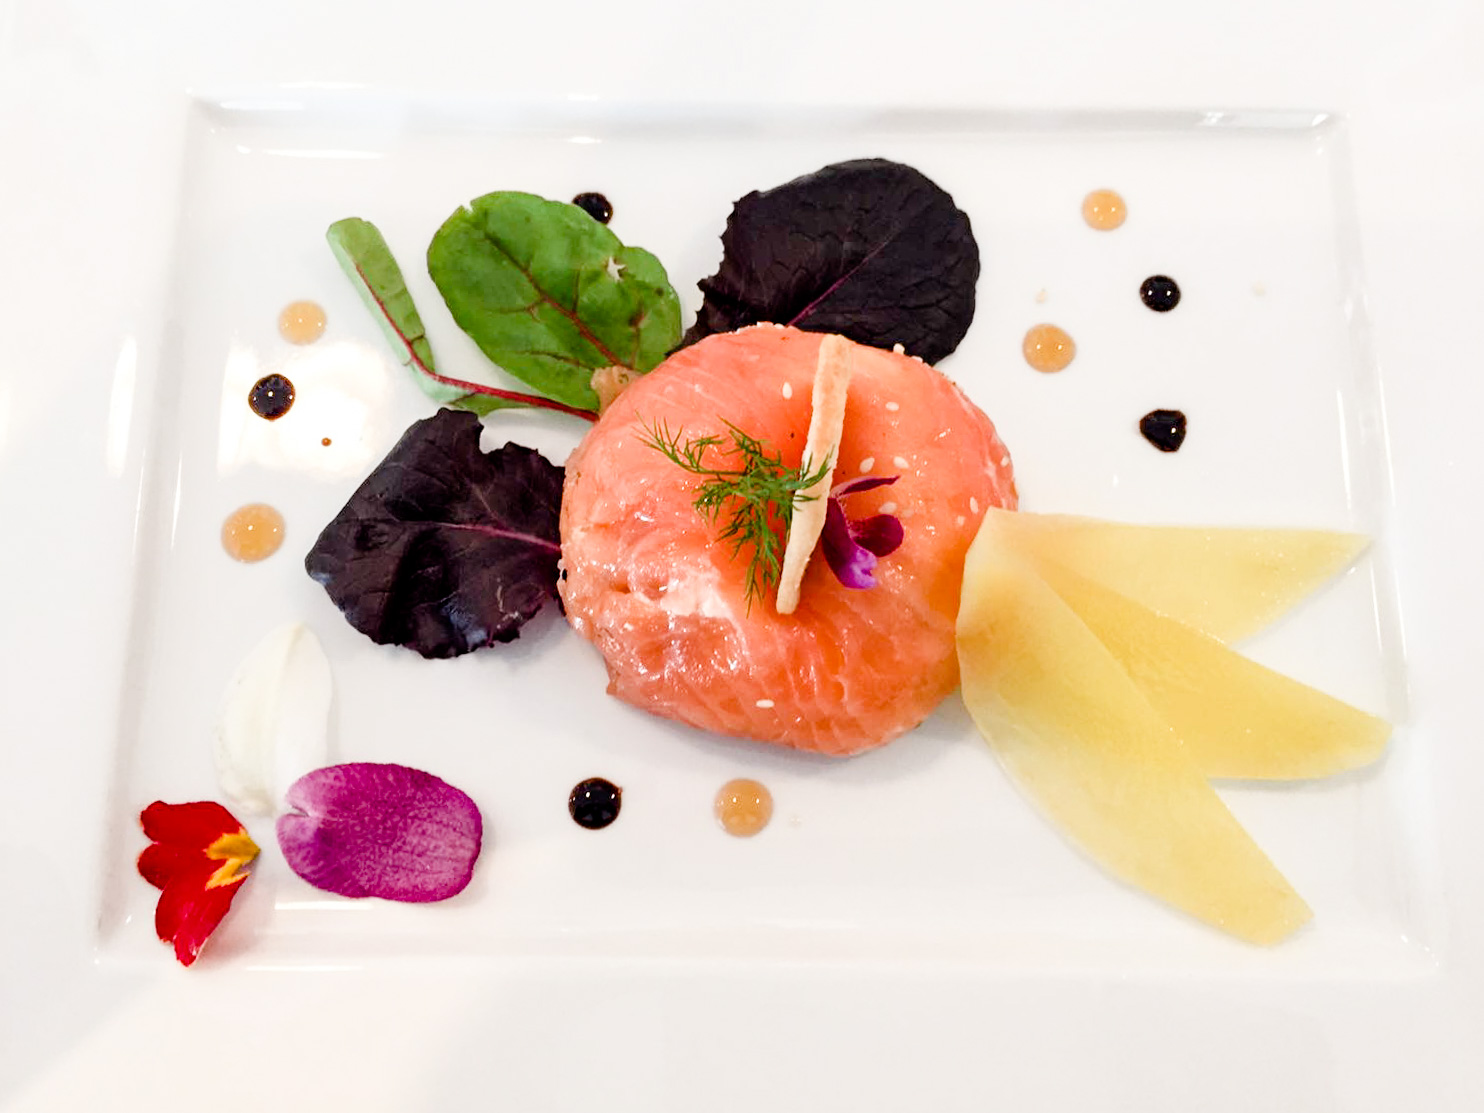 Entrée de printemps: dôme de saumon frais accompagné de céleri, mangue et fleurs de saison